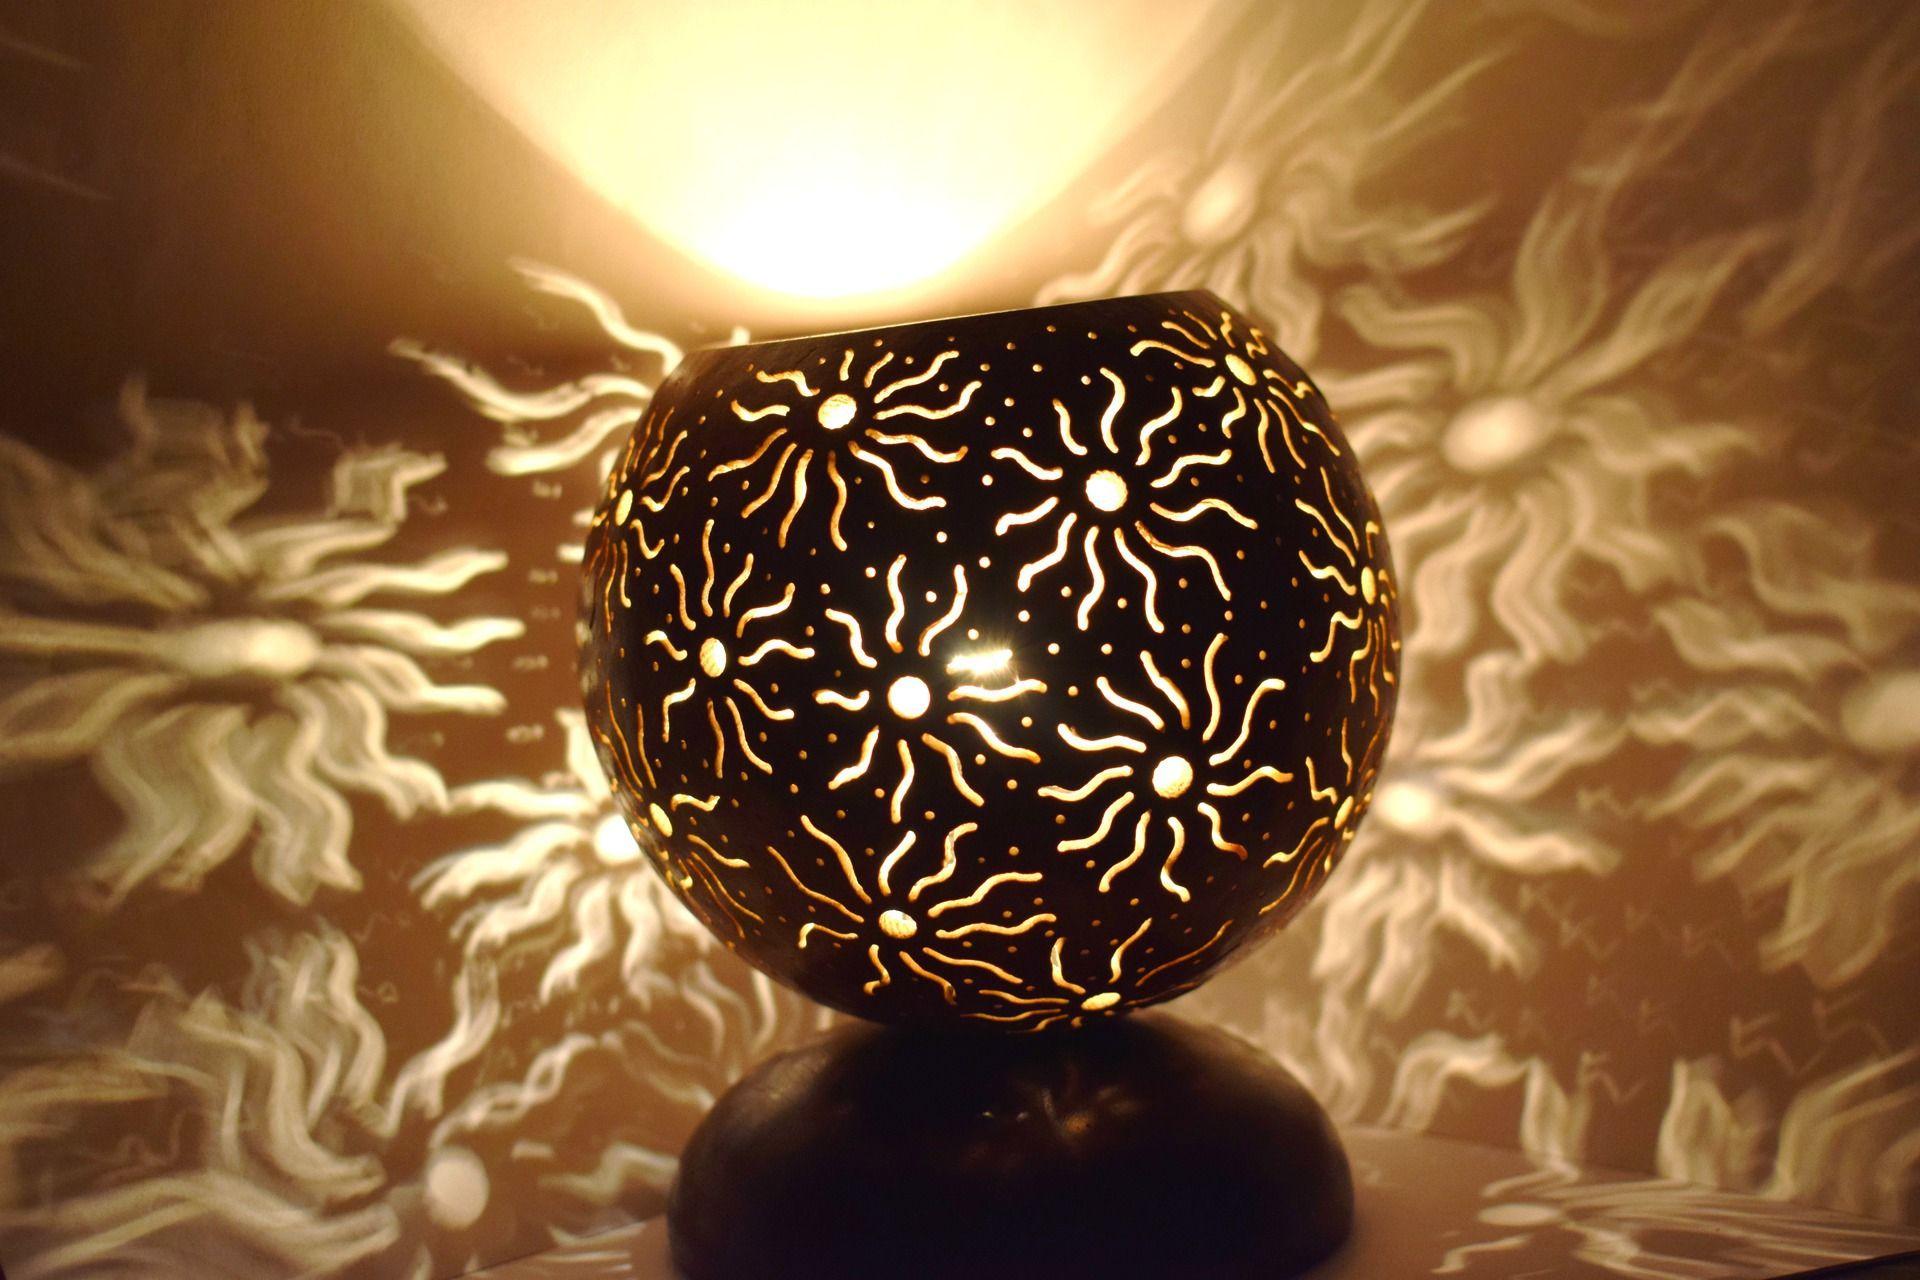 Solaris, lampe d'ambiance stellaire en calebasse sculptée